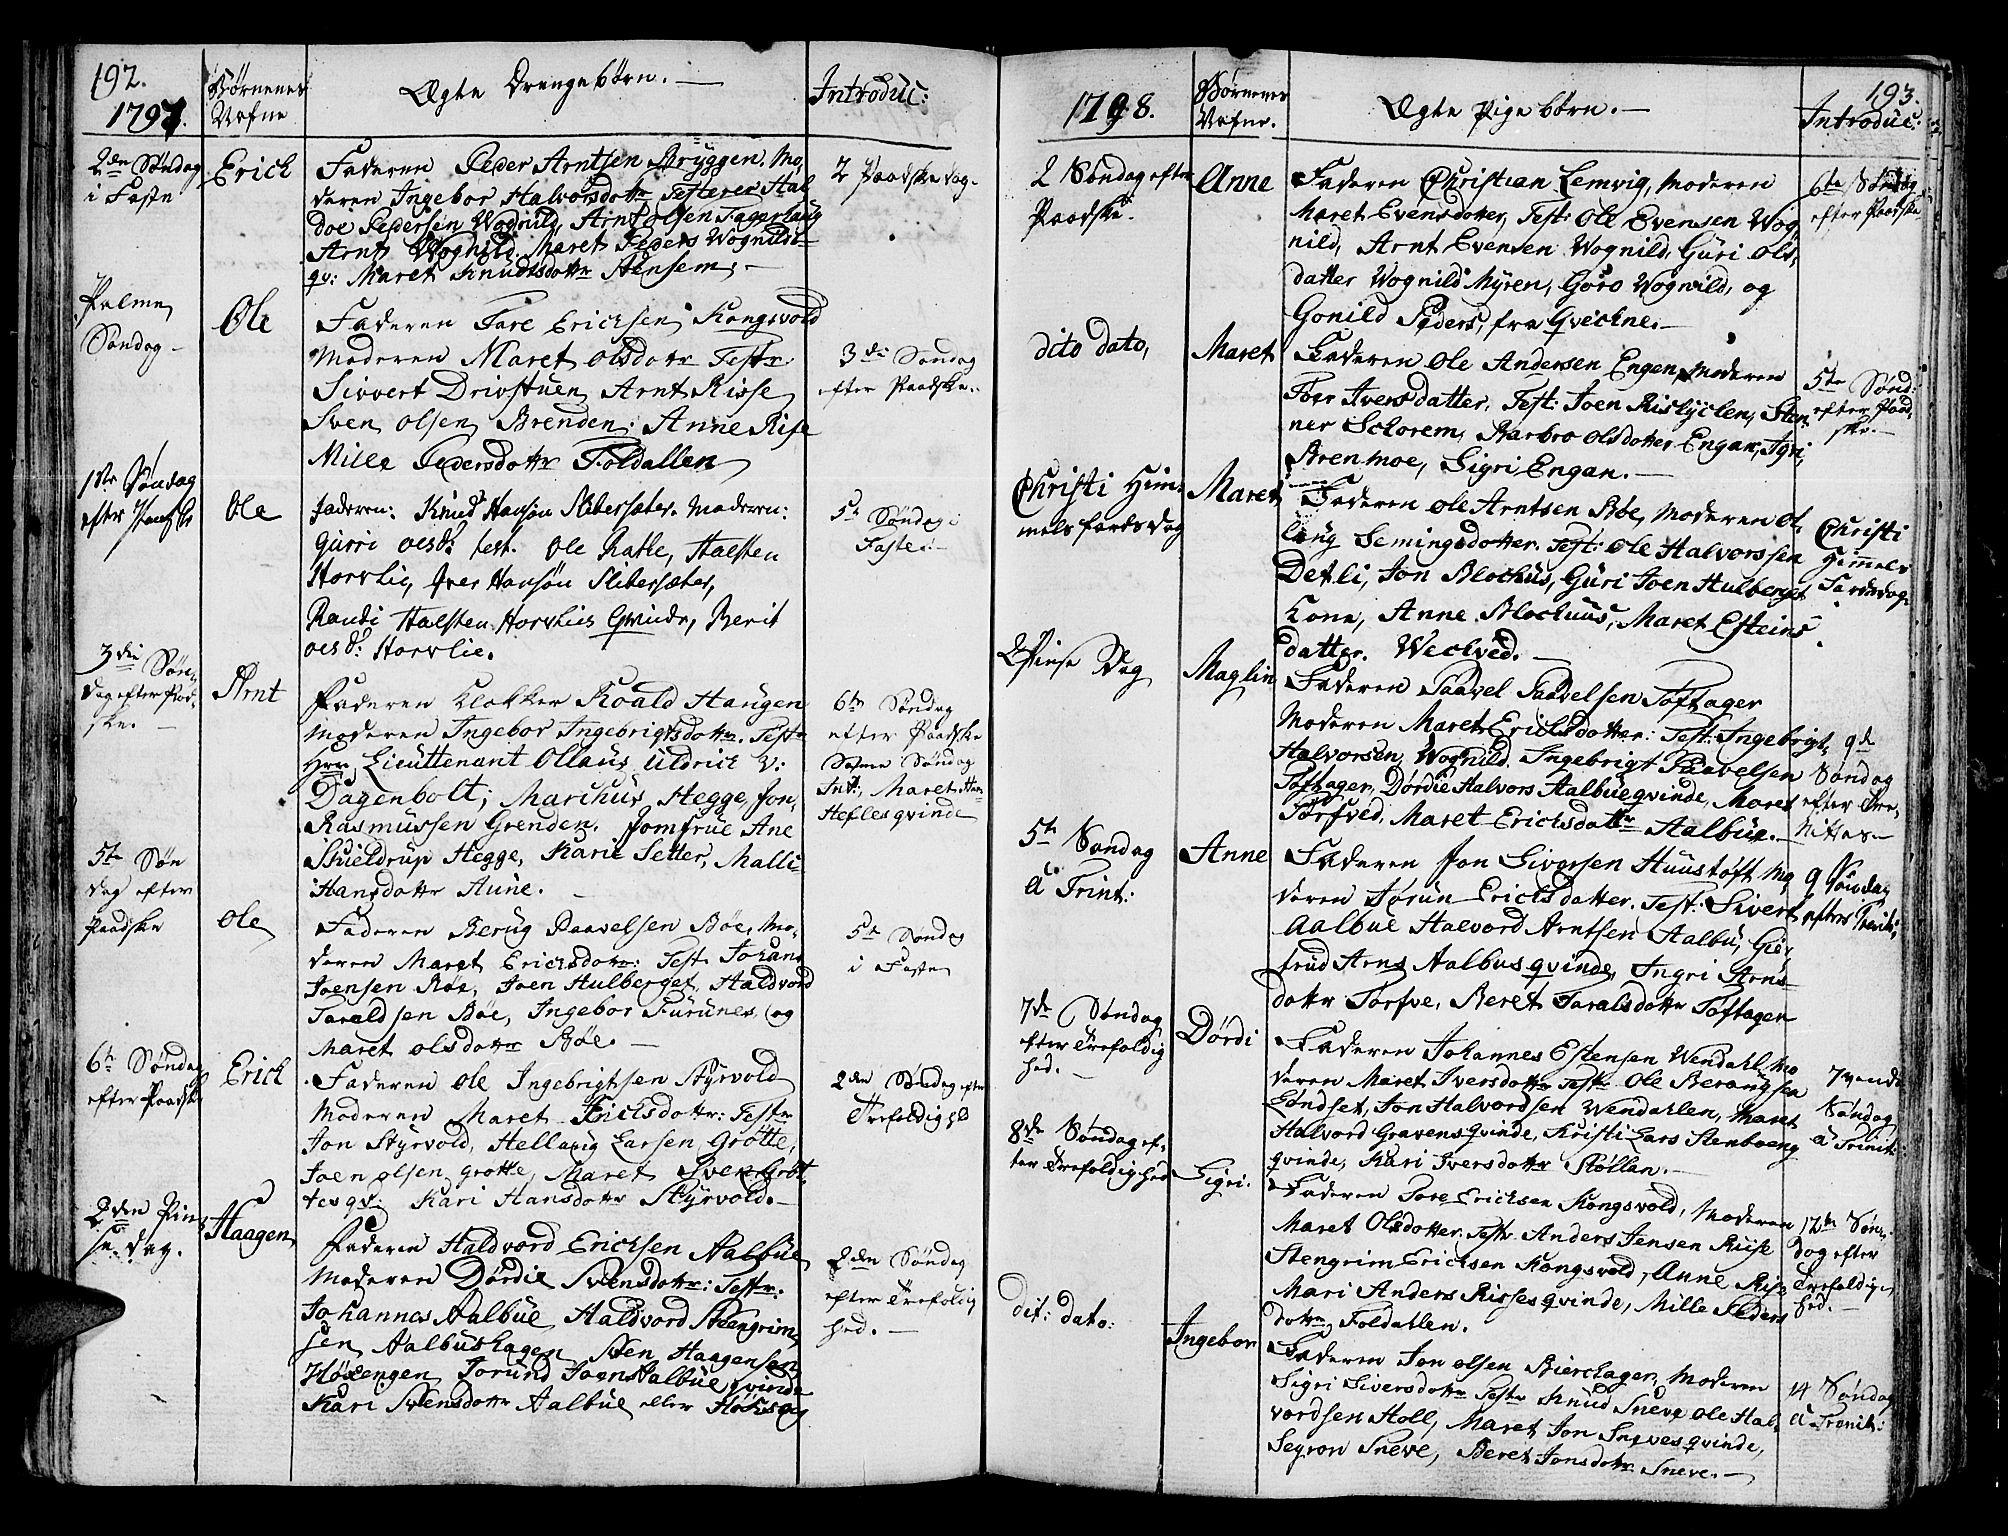 SAT, Ministerialprotokoller, klokkerbøker og fødselsregistre - Sør-Trøndelag, 678/L0893: Ministerialbok nr. 678A03, 1792-1805, s. 192-193